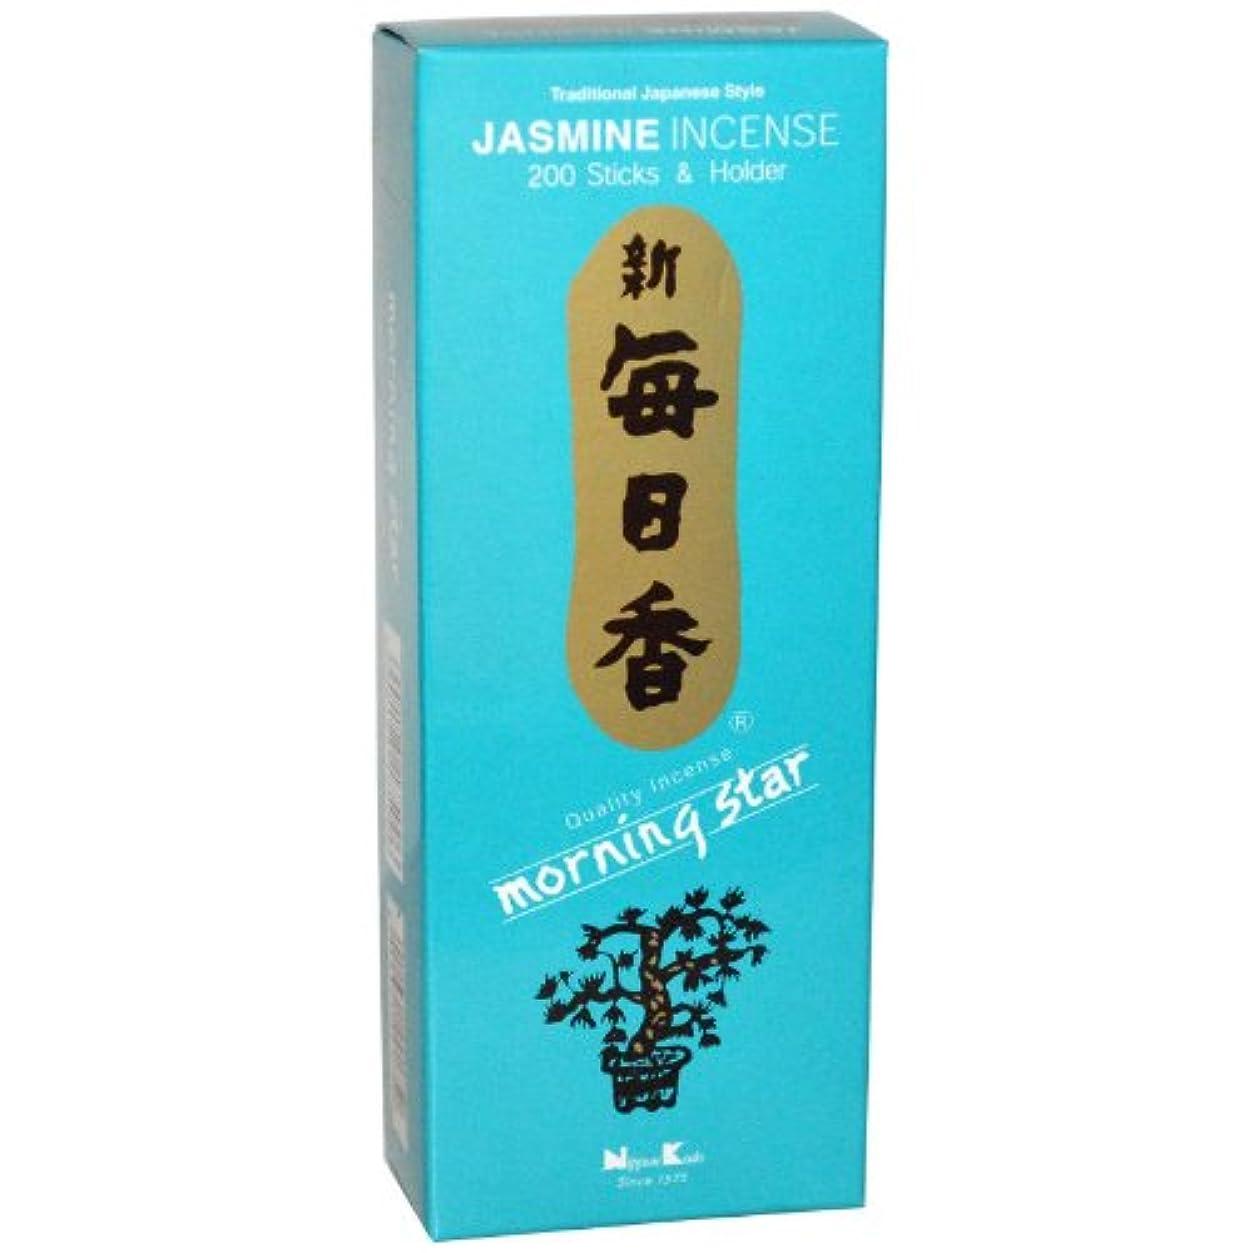 湿原正しく剃るNippon Kodo, Morning Star, Jasmine Incense, 200 Sticks & Holder